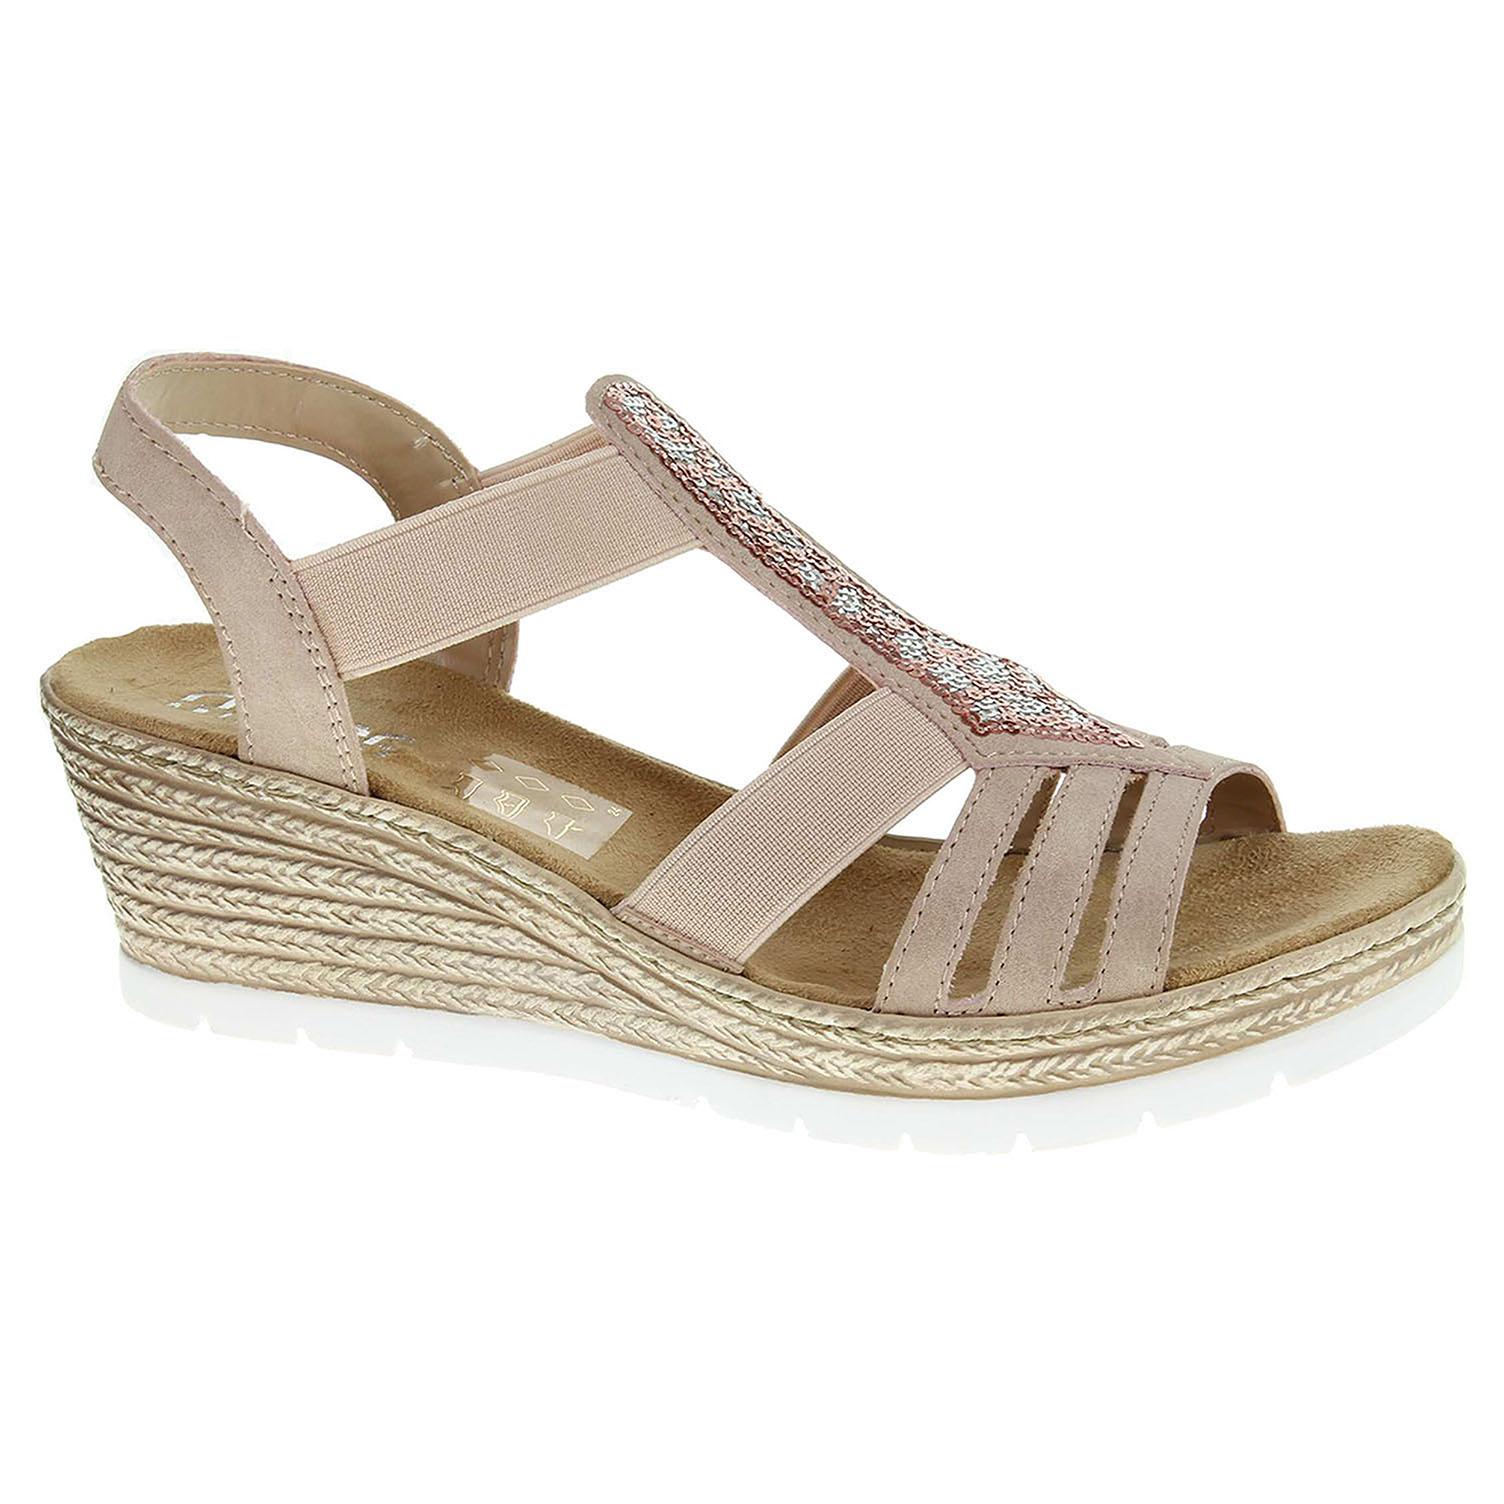 8a3675b9b28e detail Dámske sandále Rieker 61913-31 rosa